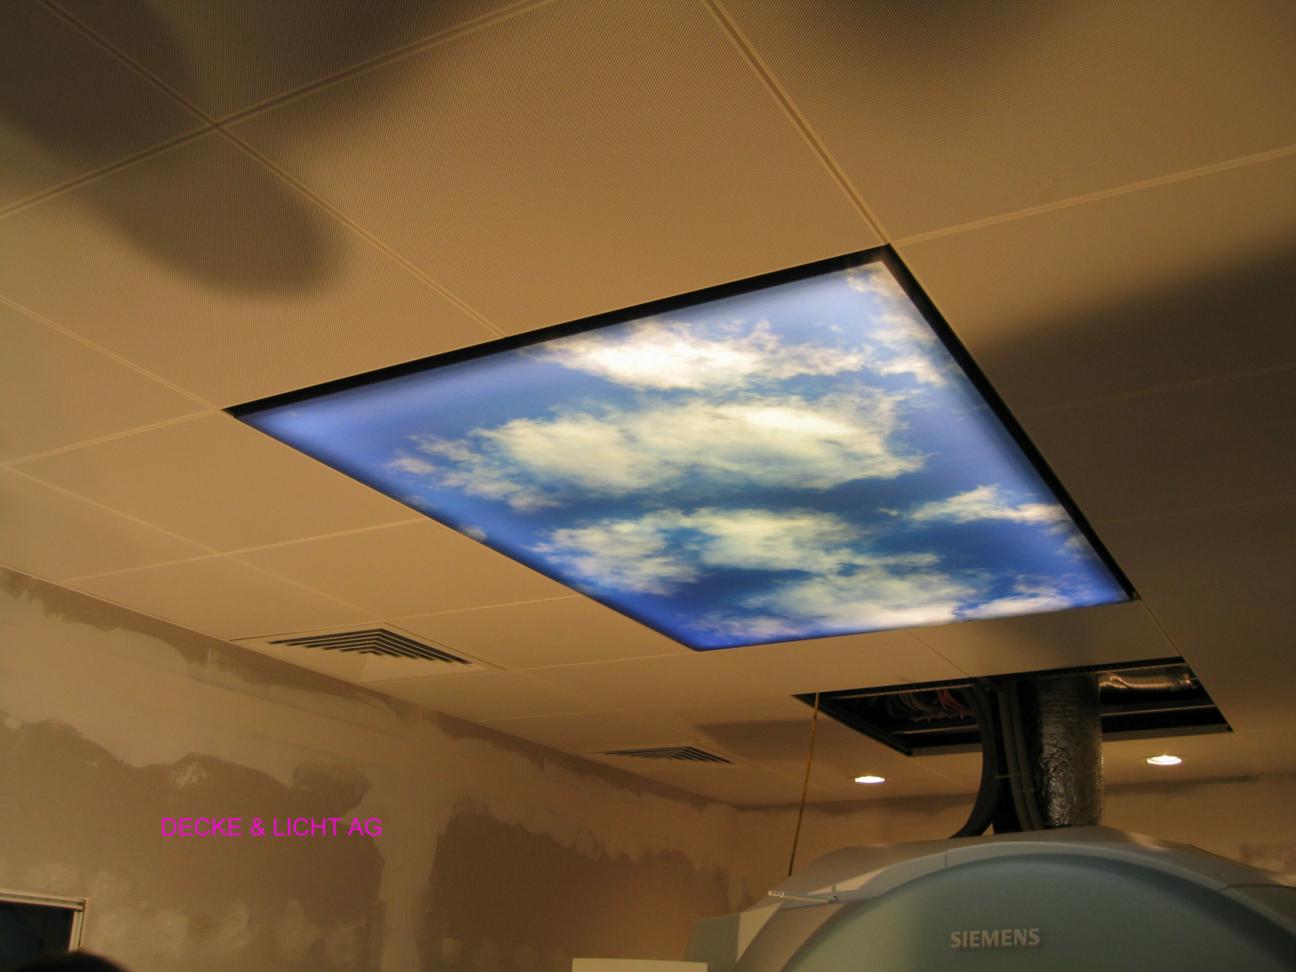 MRI_St_Gallen001_DL